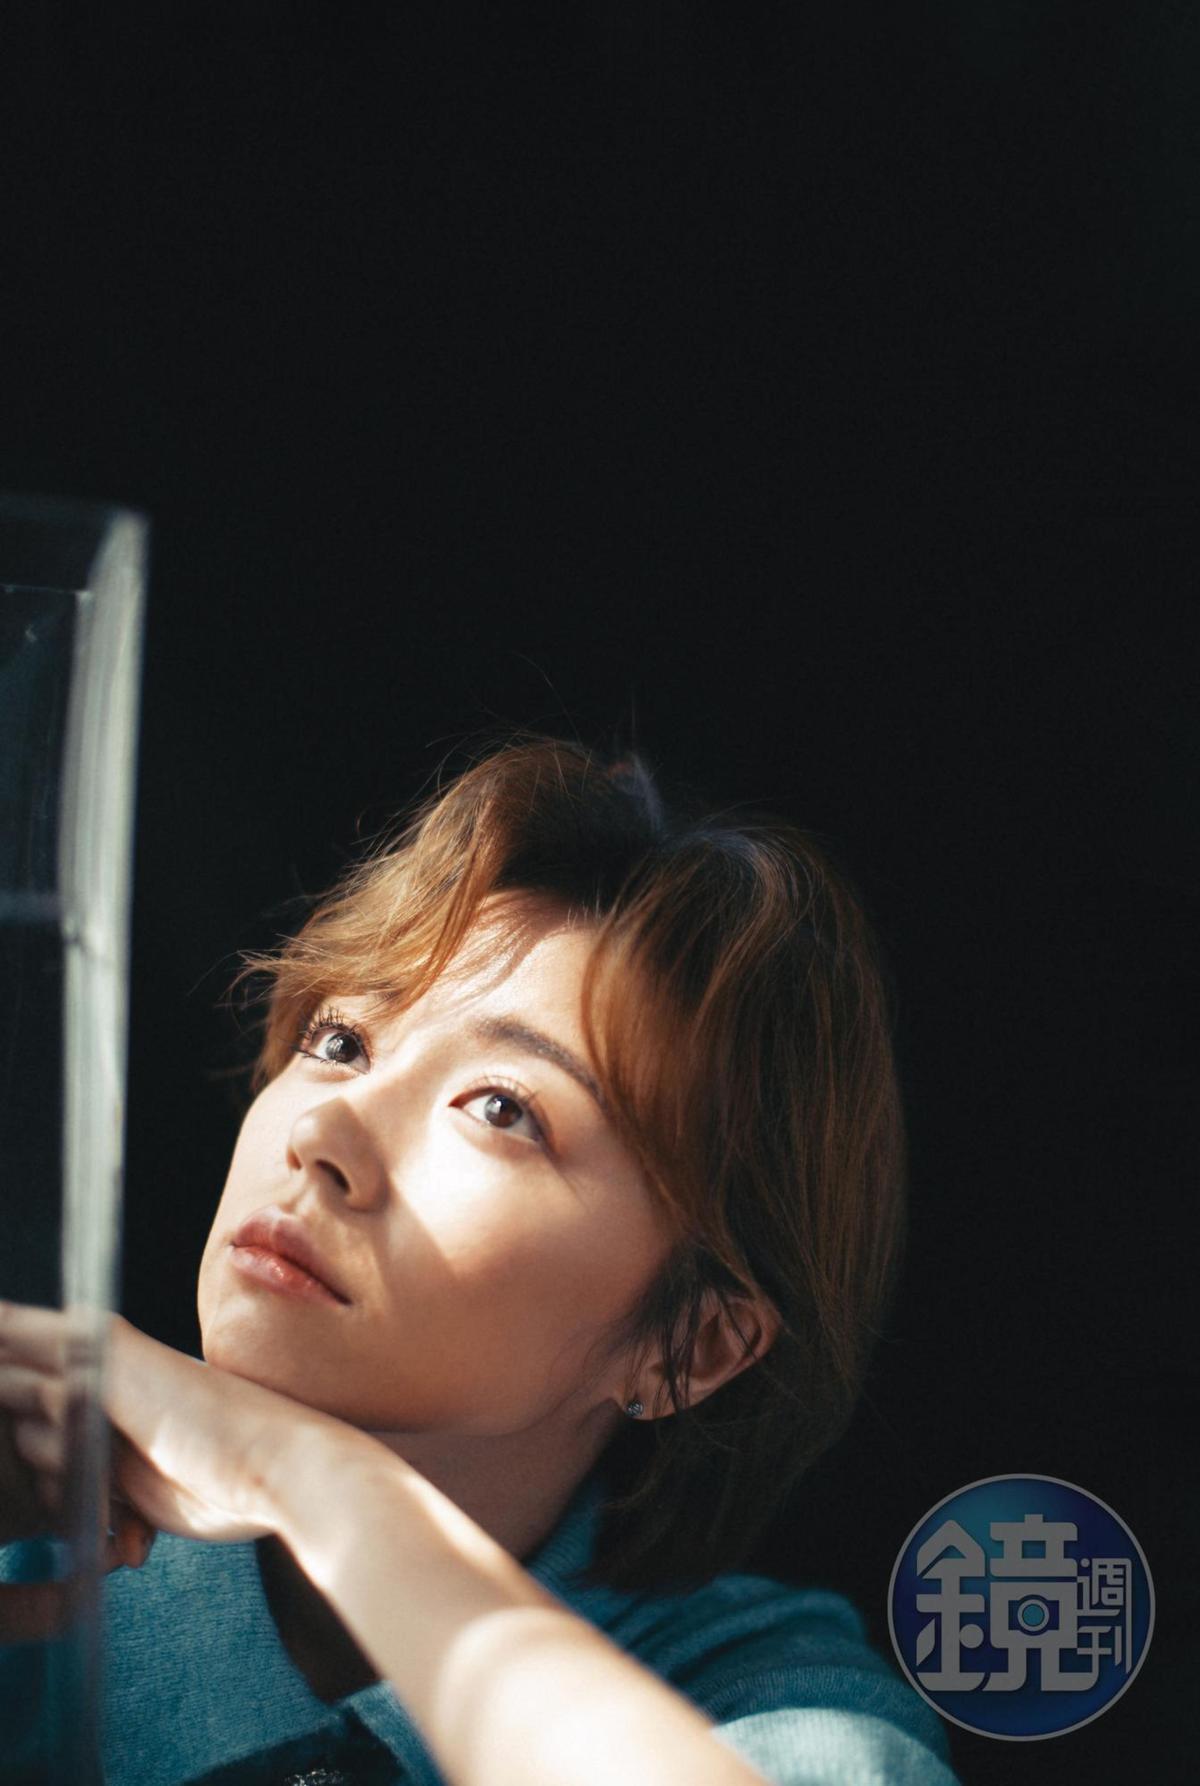 王瞳承認,以前她總是在原地,不知道該怎麼辦,決定為自己擔起責任,絕對是她的一大步。